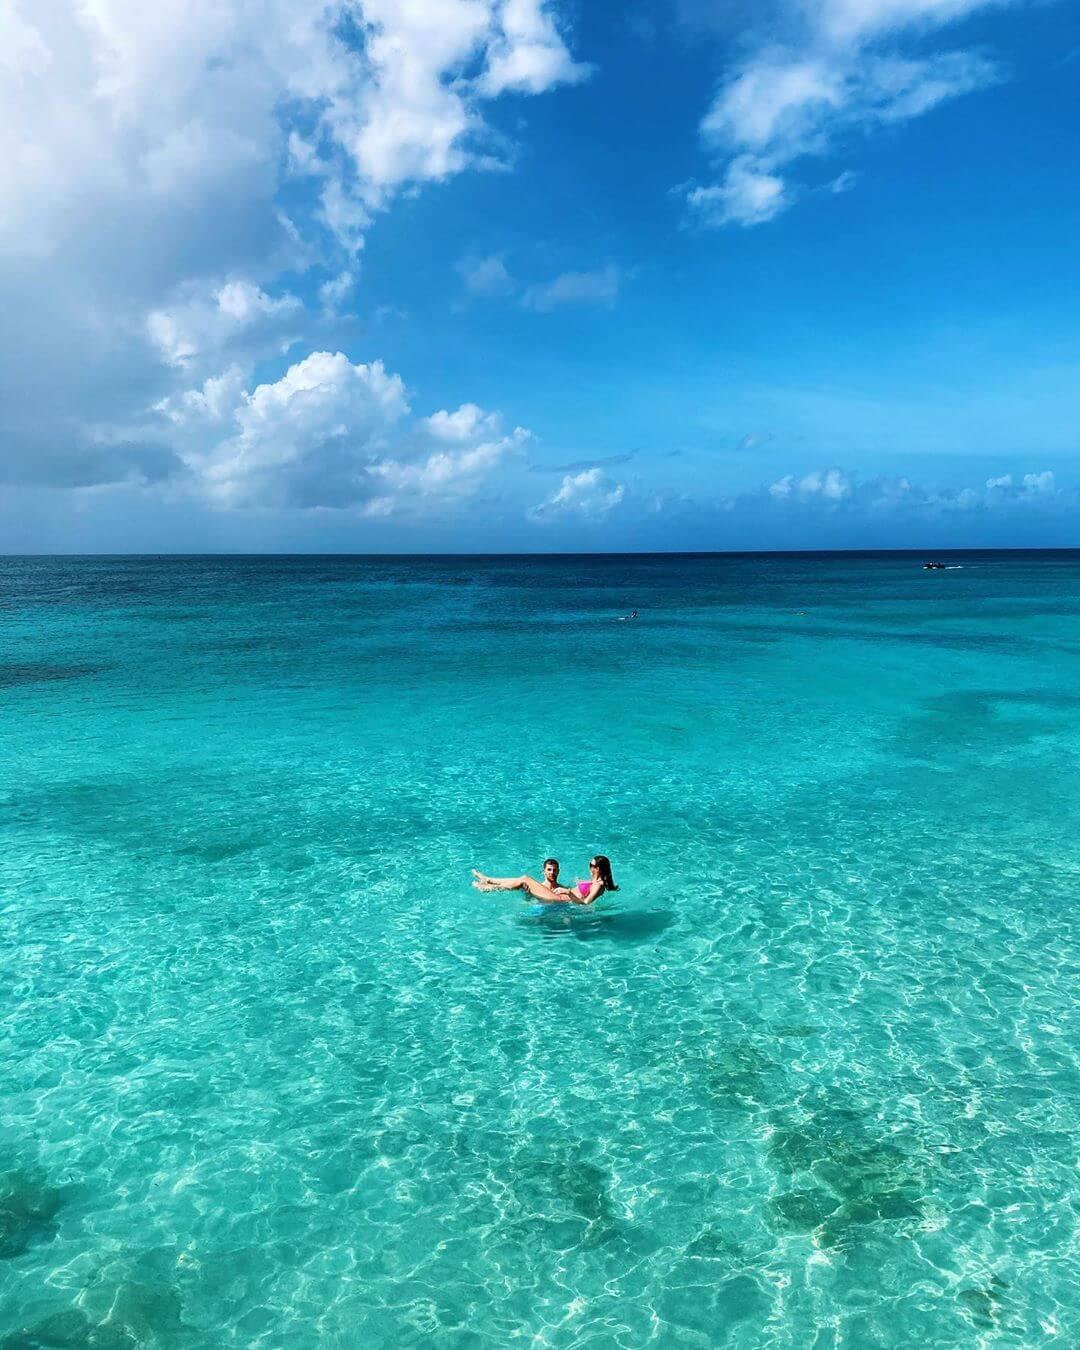 photo-by-bulosina-aka-carolina-bulos-aruba-travel-photography-caribbean-sea